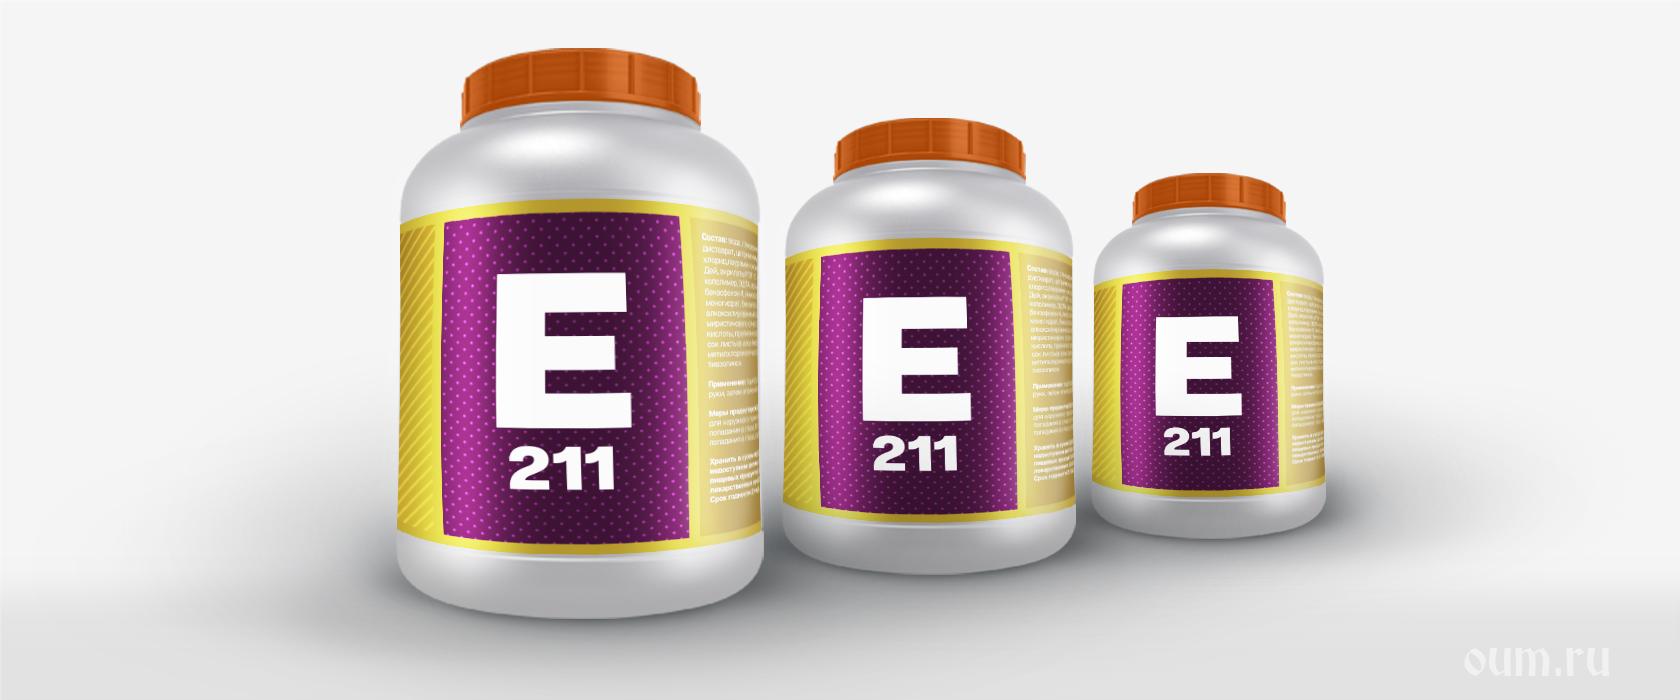 """Пищевые добавки: так ли опасны вещества под маркером """"е"""", как о них думают? - informburo.kz"""